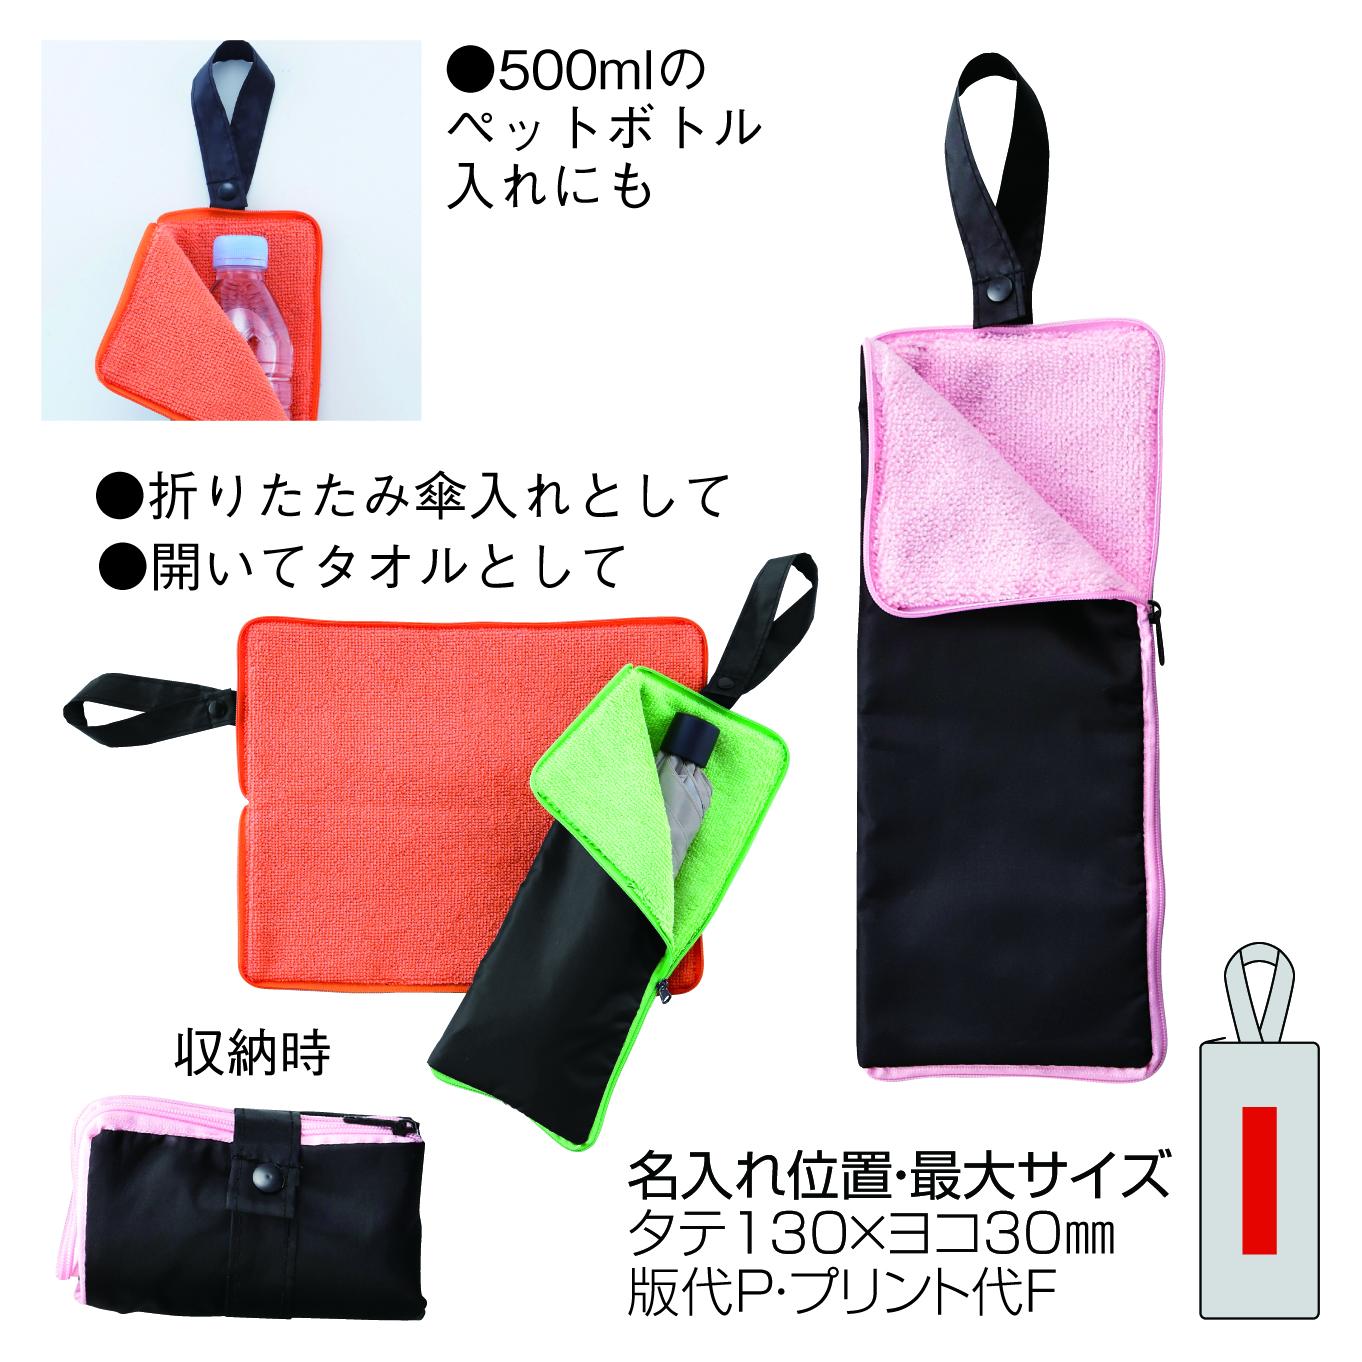 セルトナ・ポータブルマルチ傘カバー(ピンク)